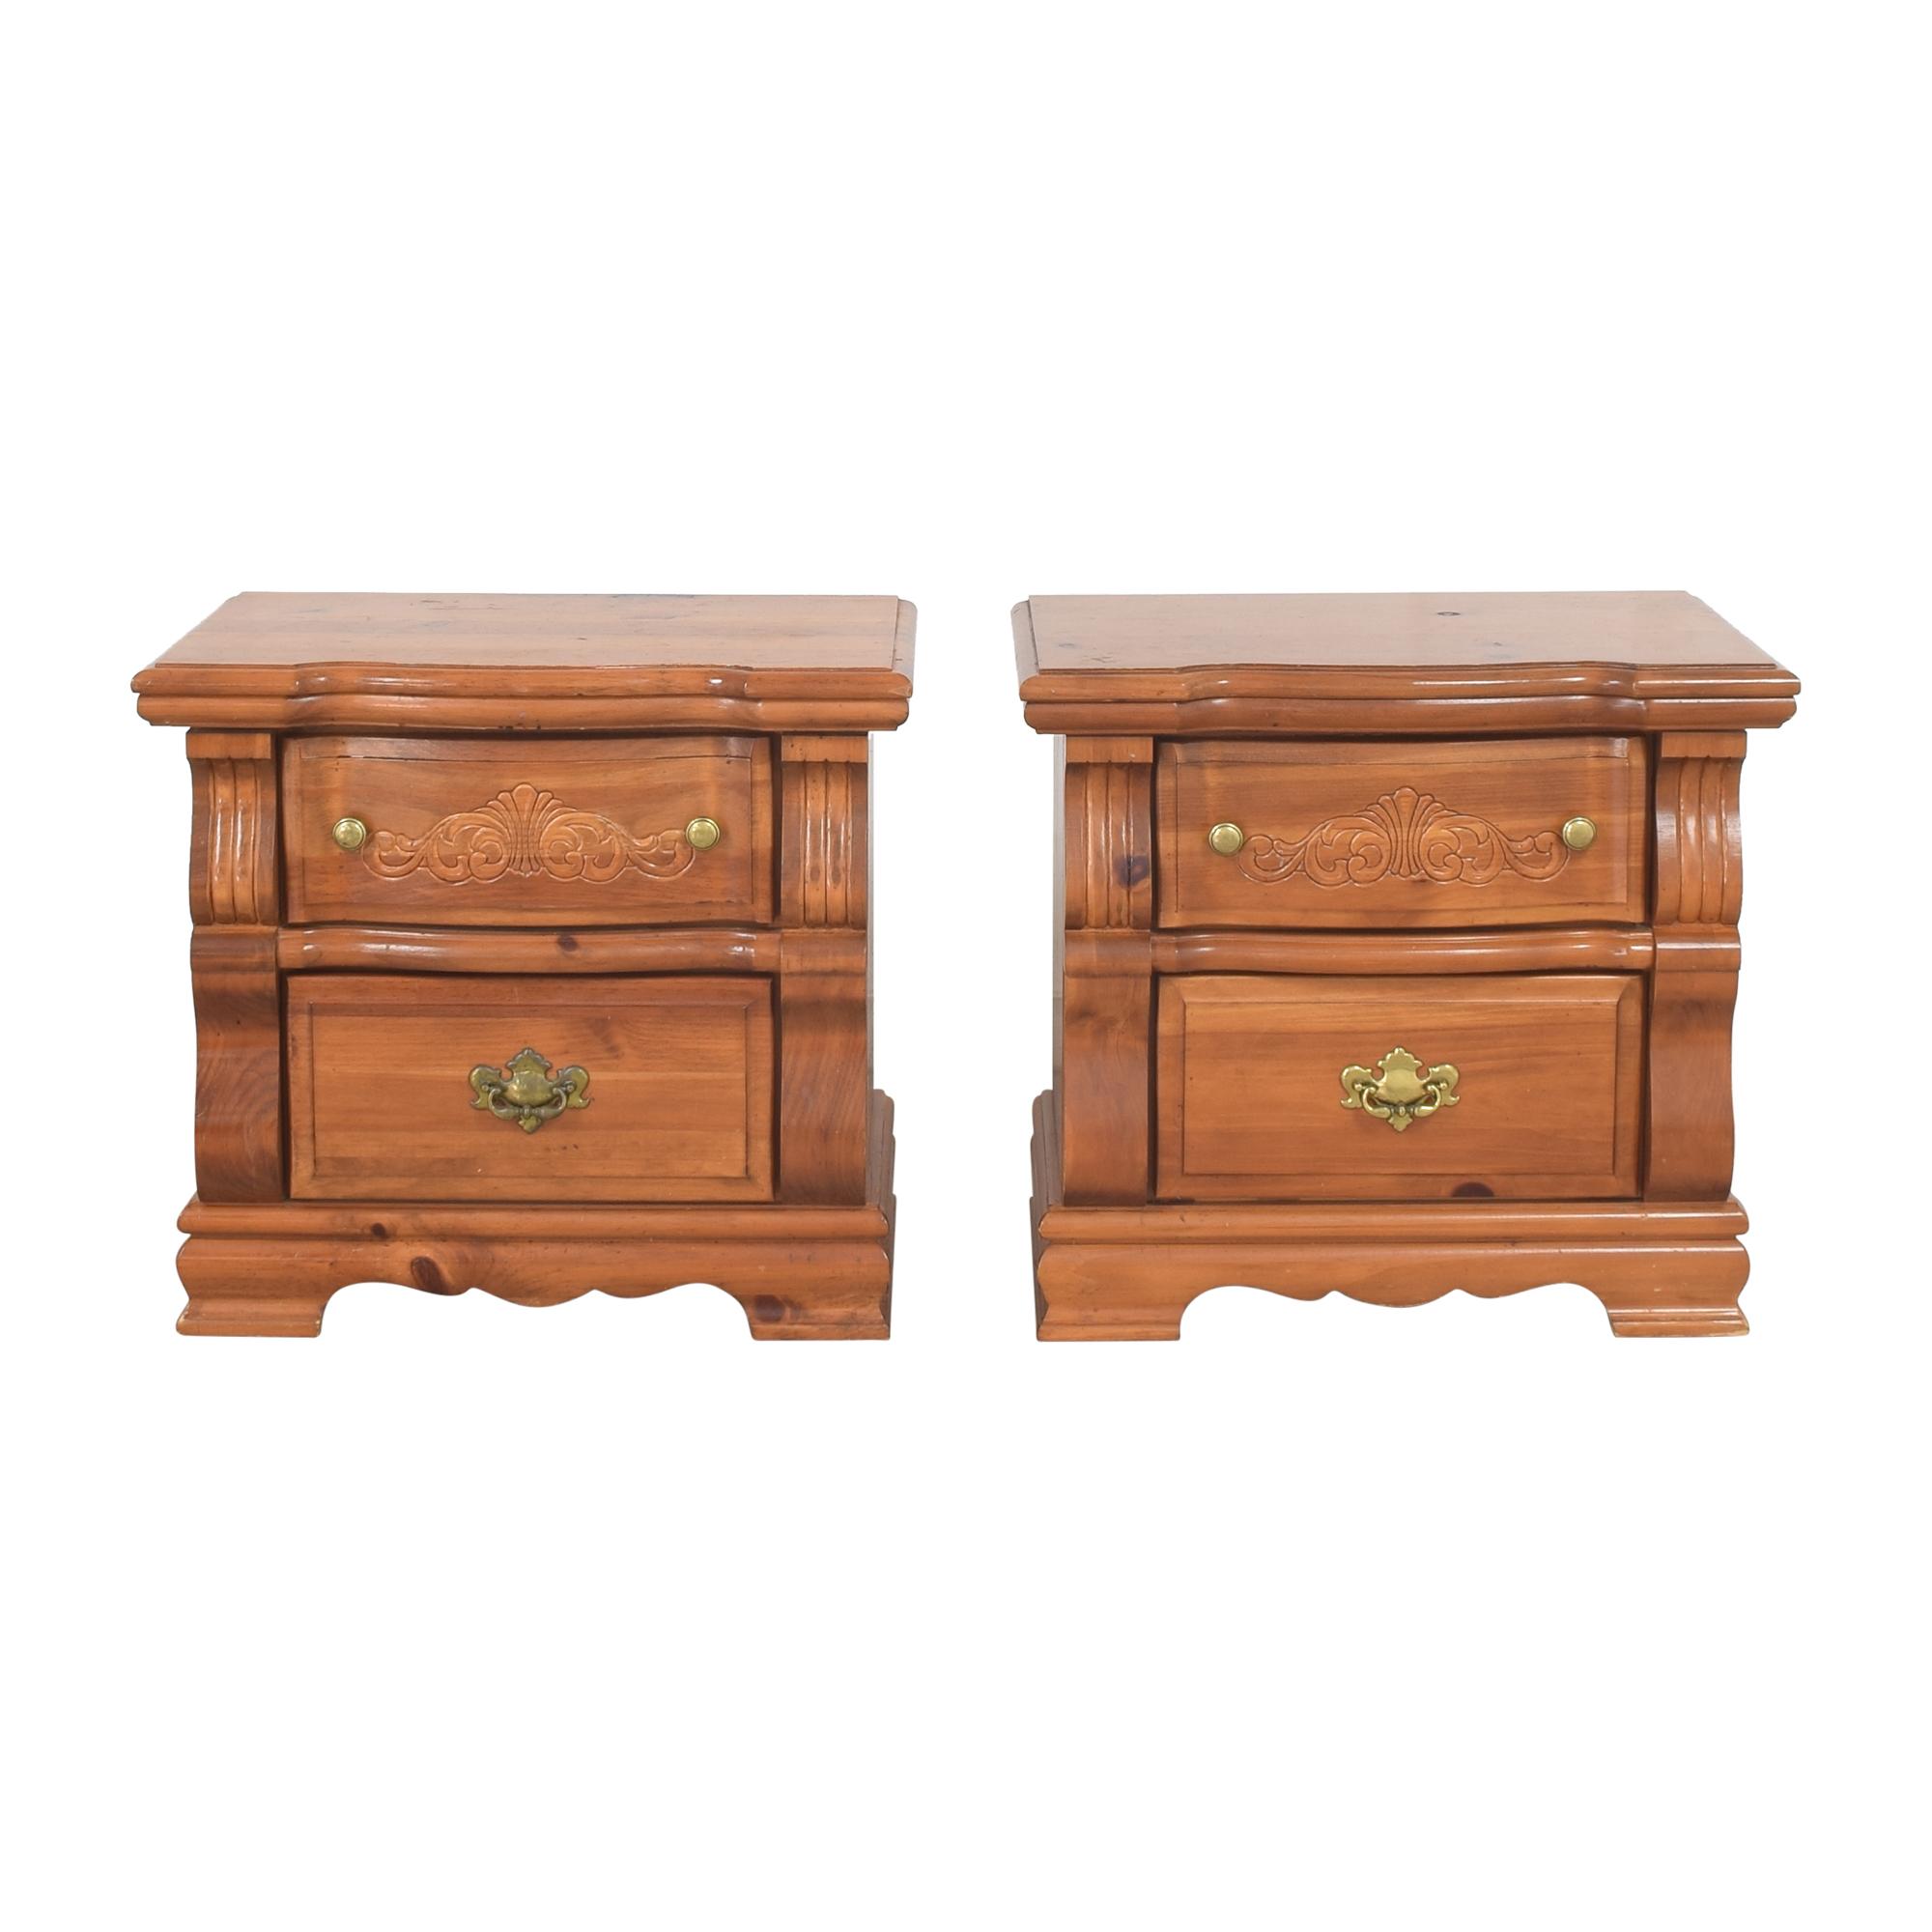 Vaughan-Bassett Vaughan-Bassett Two Drawer Nightstands discount